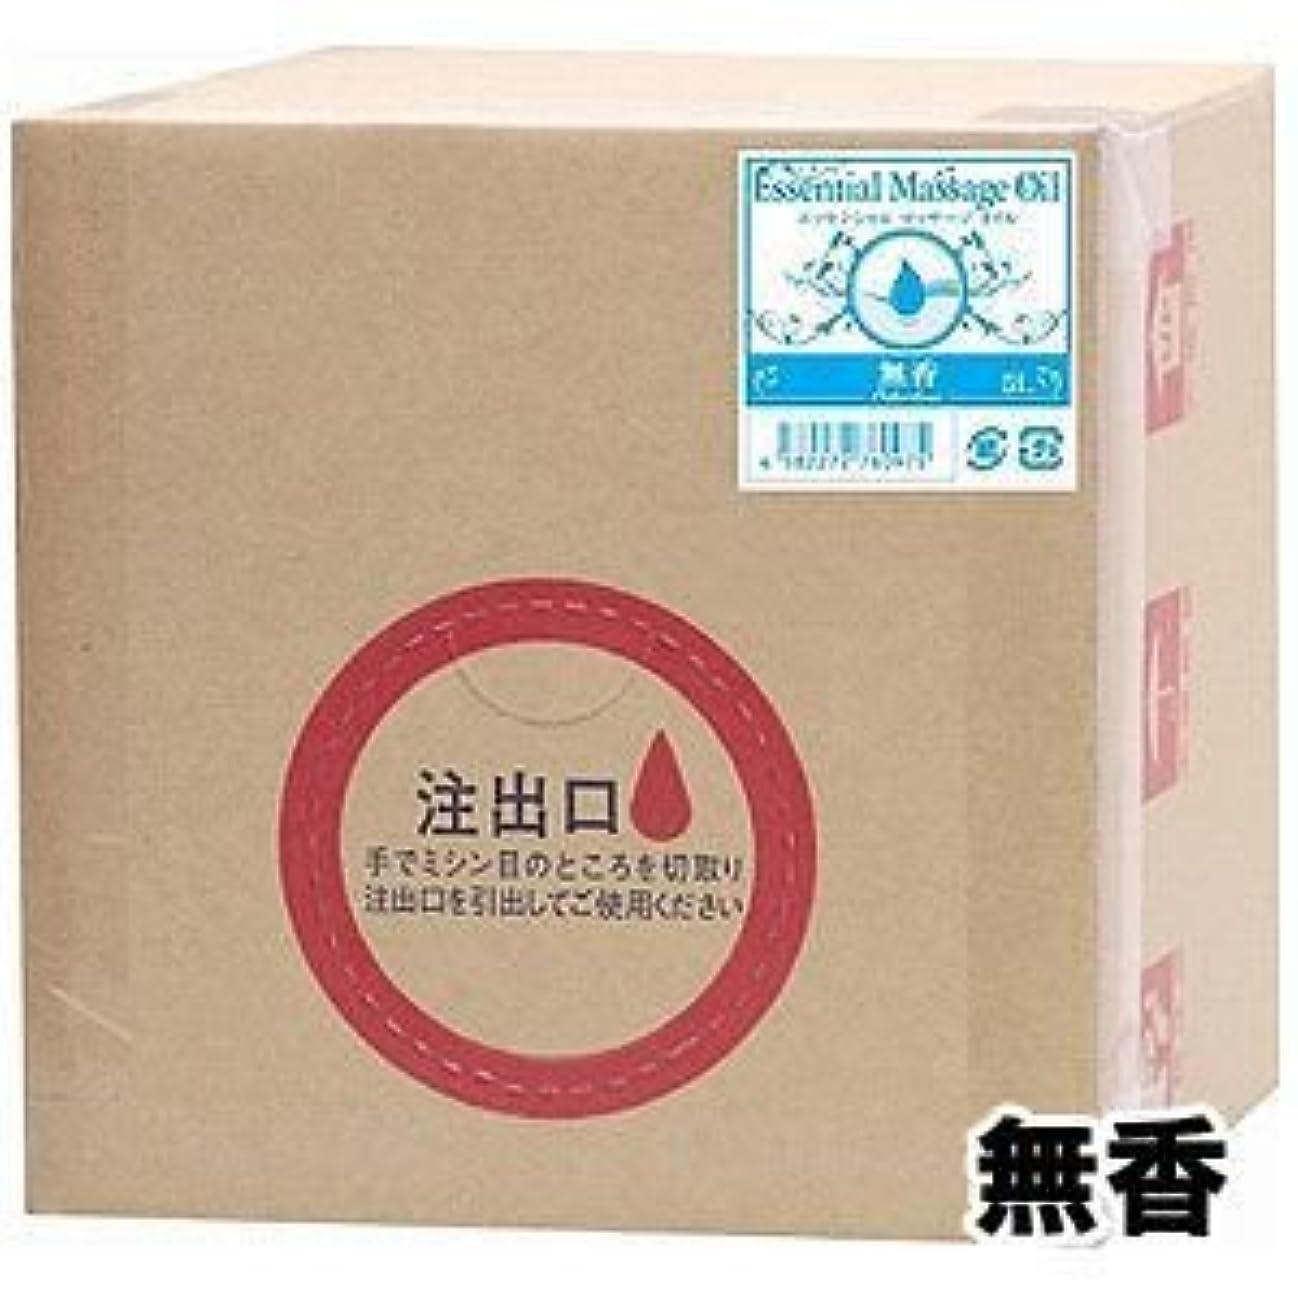 擬人化冷蔵する夕暮れエッセンシャルマッサージオイル(5L) (ローズマリー[910]) - <容量は多めの5リットル!>